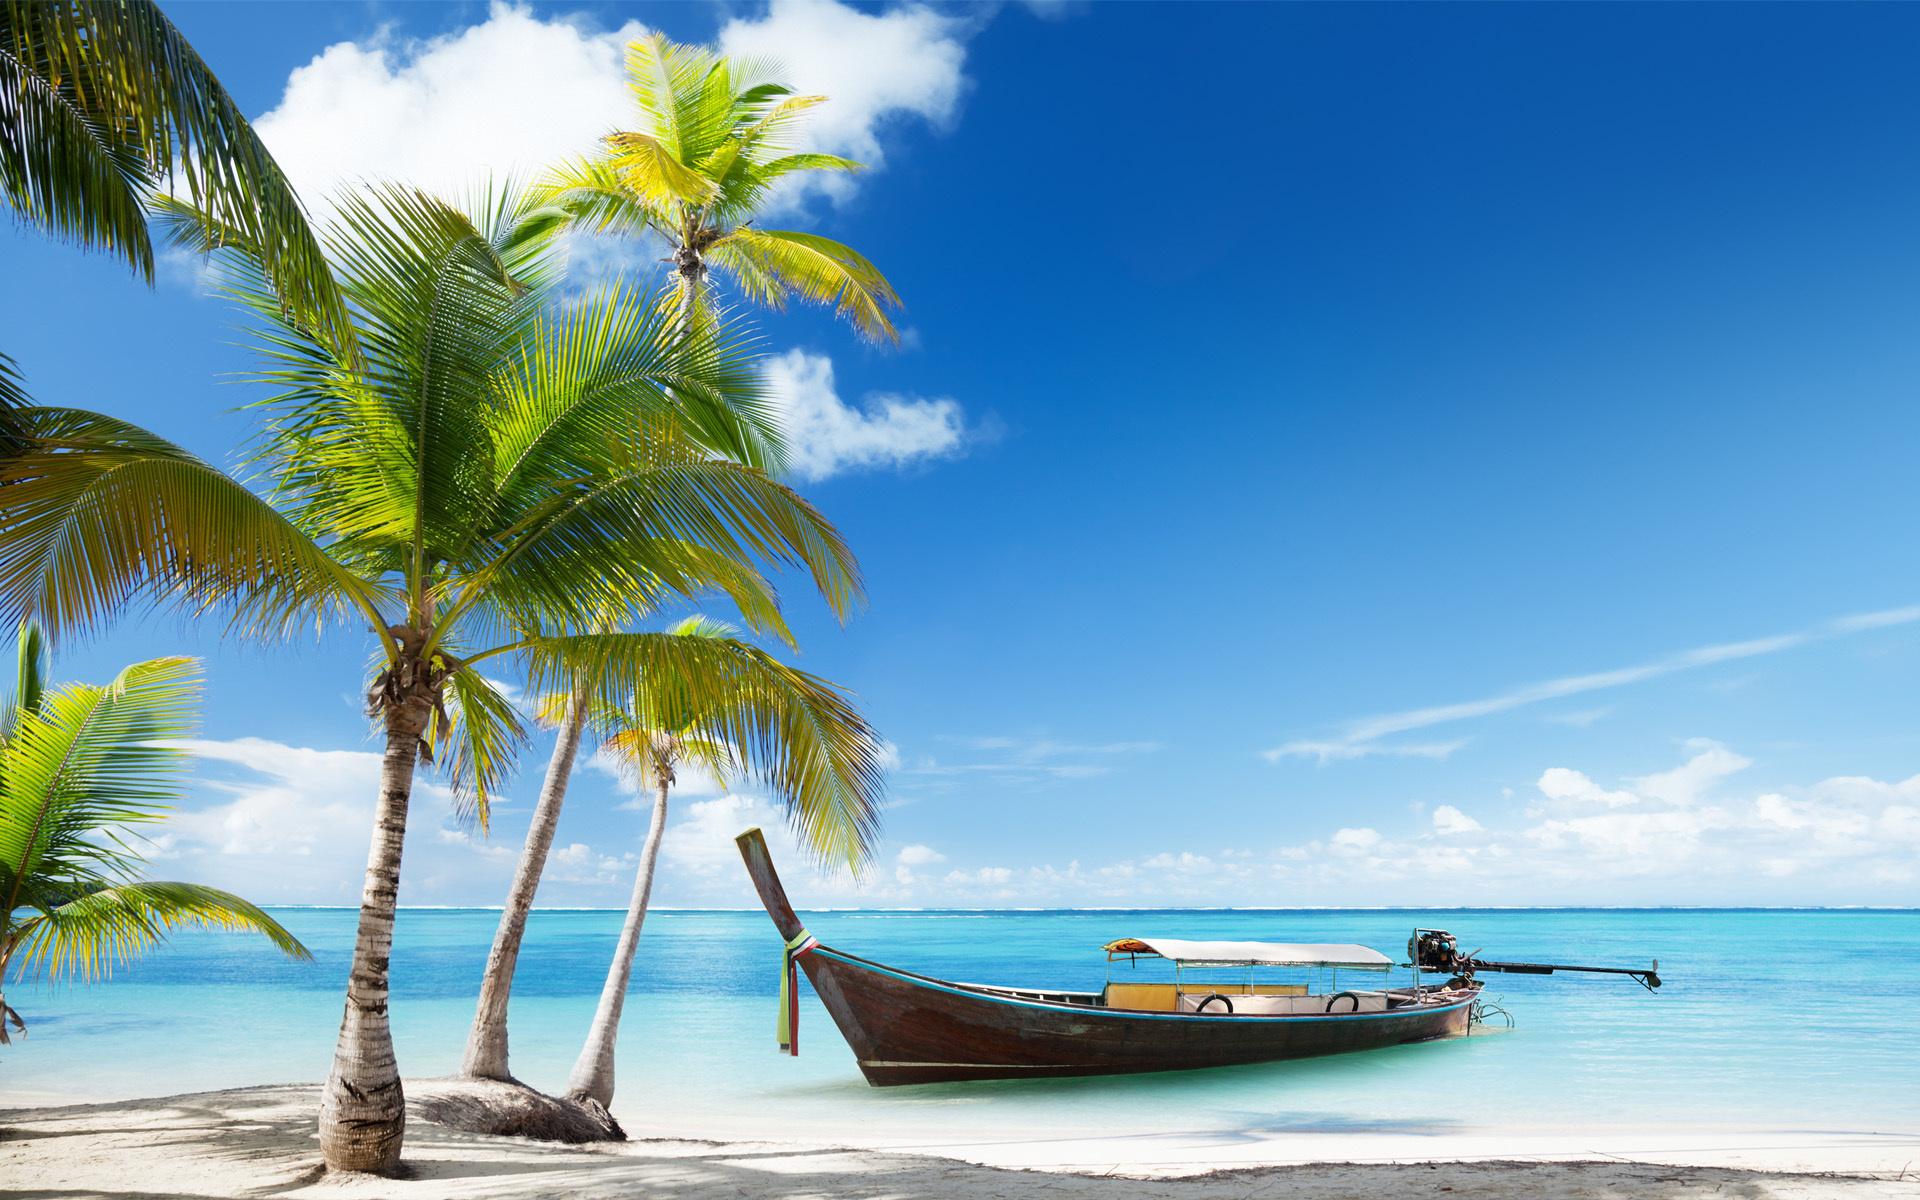 Картинка с океаном и пальмой, гифки сверхъестественное